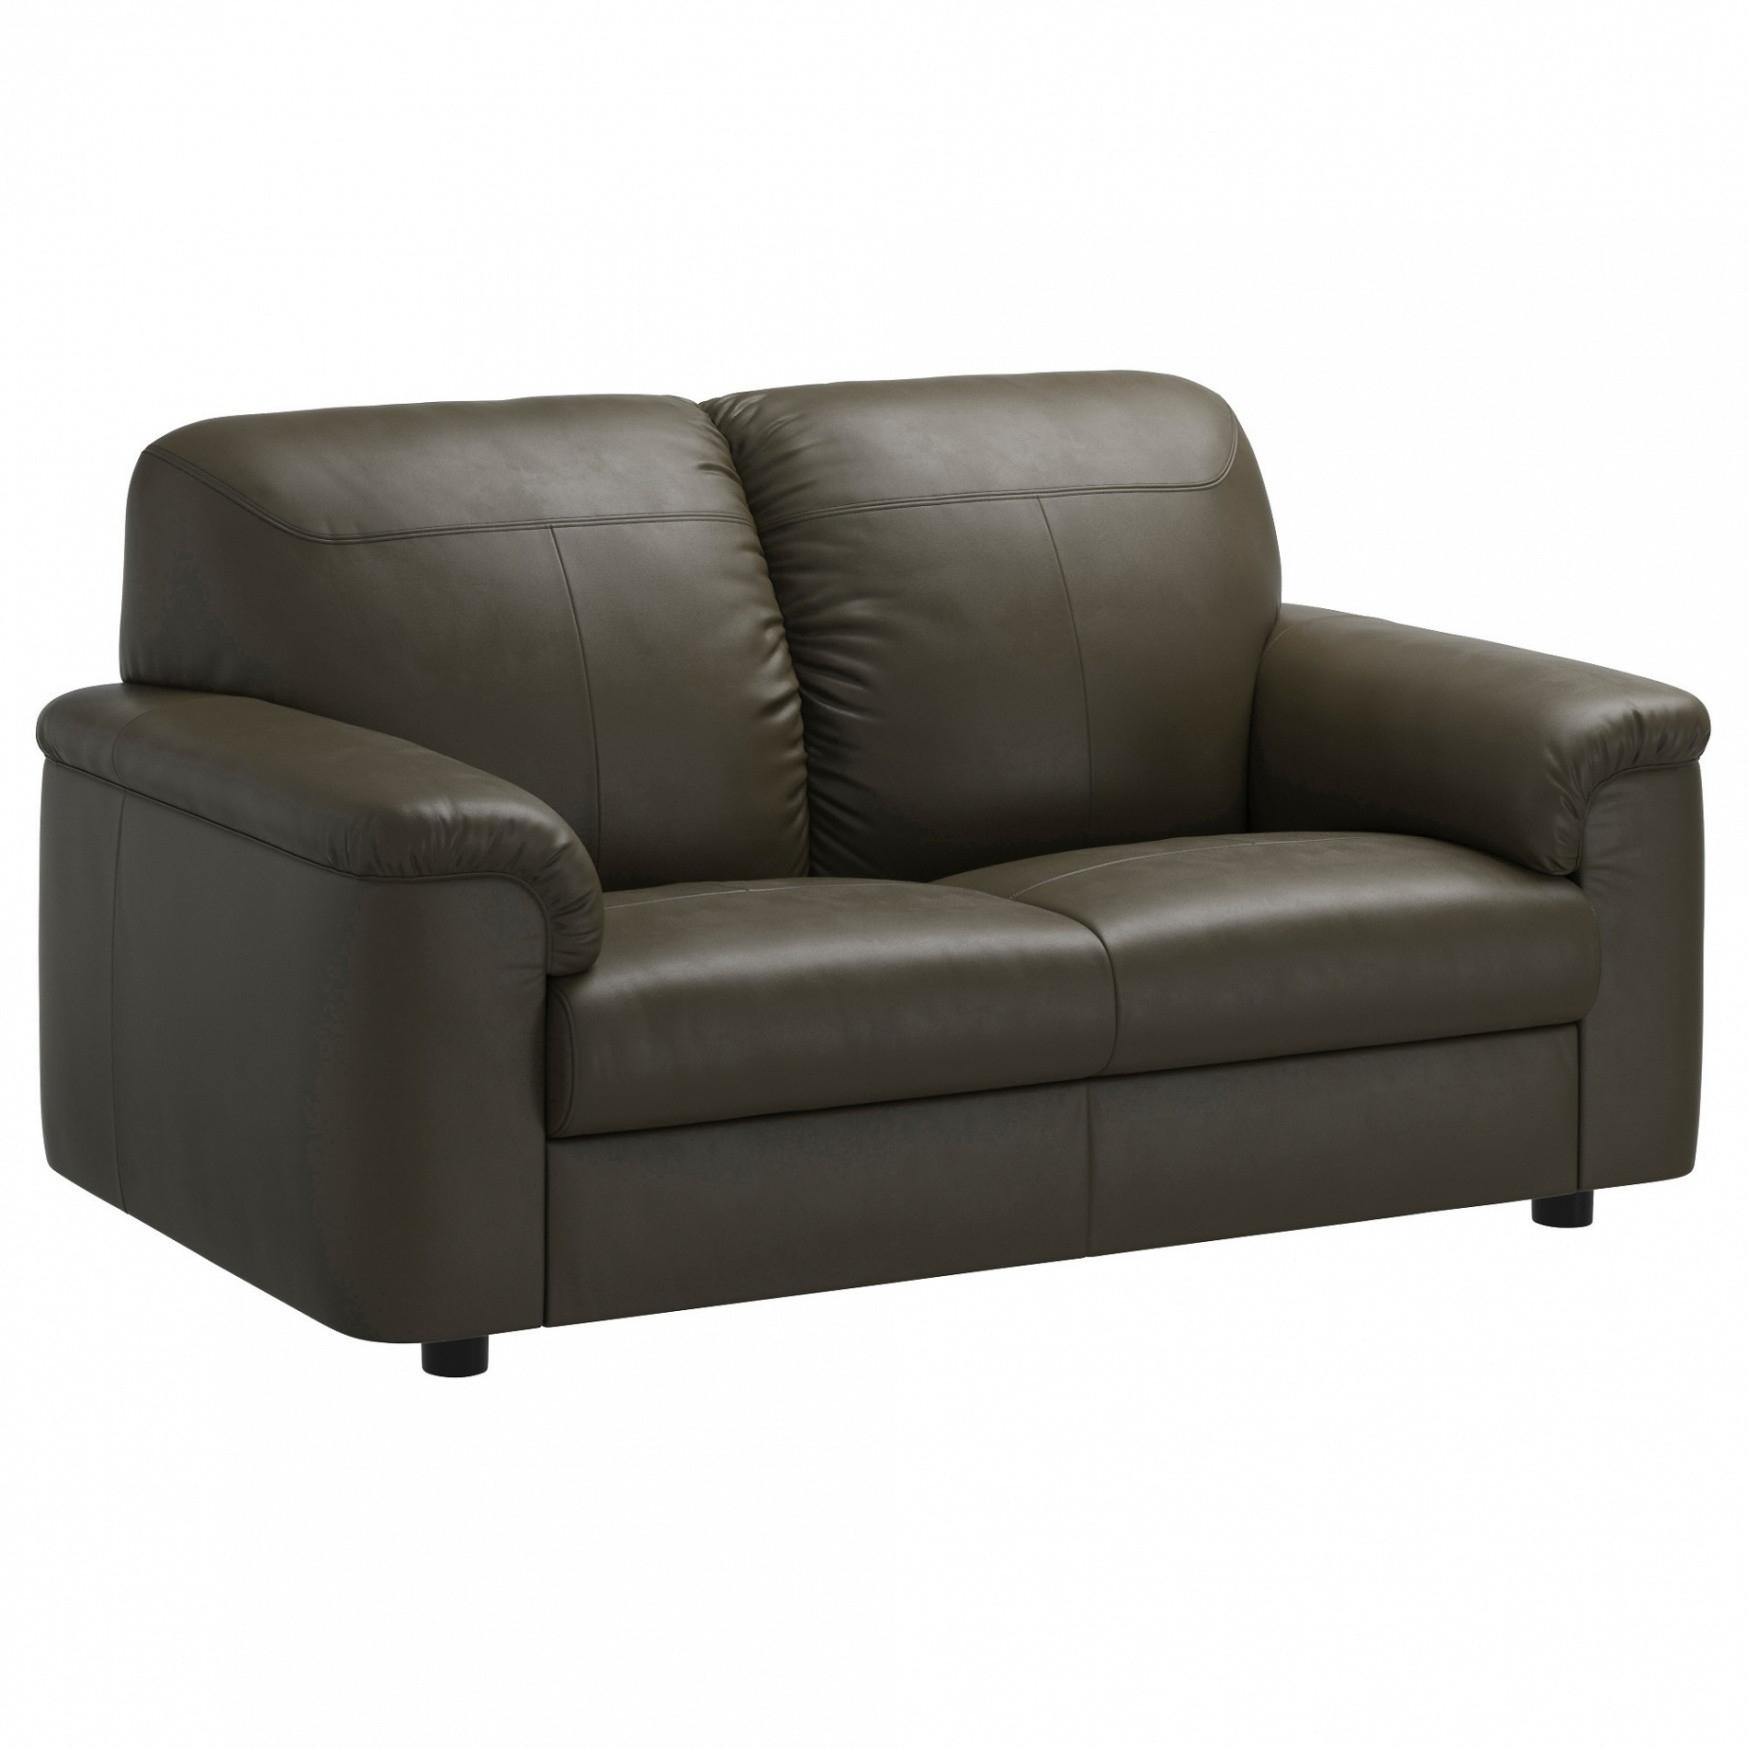 Fauteuil En Cuir Noir Ikea — Lamichaure encequiconcerne Canapé Relax Ikea